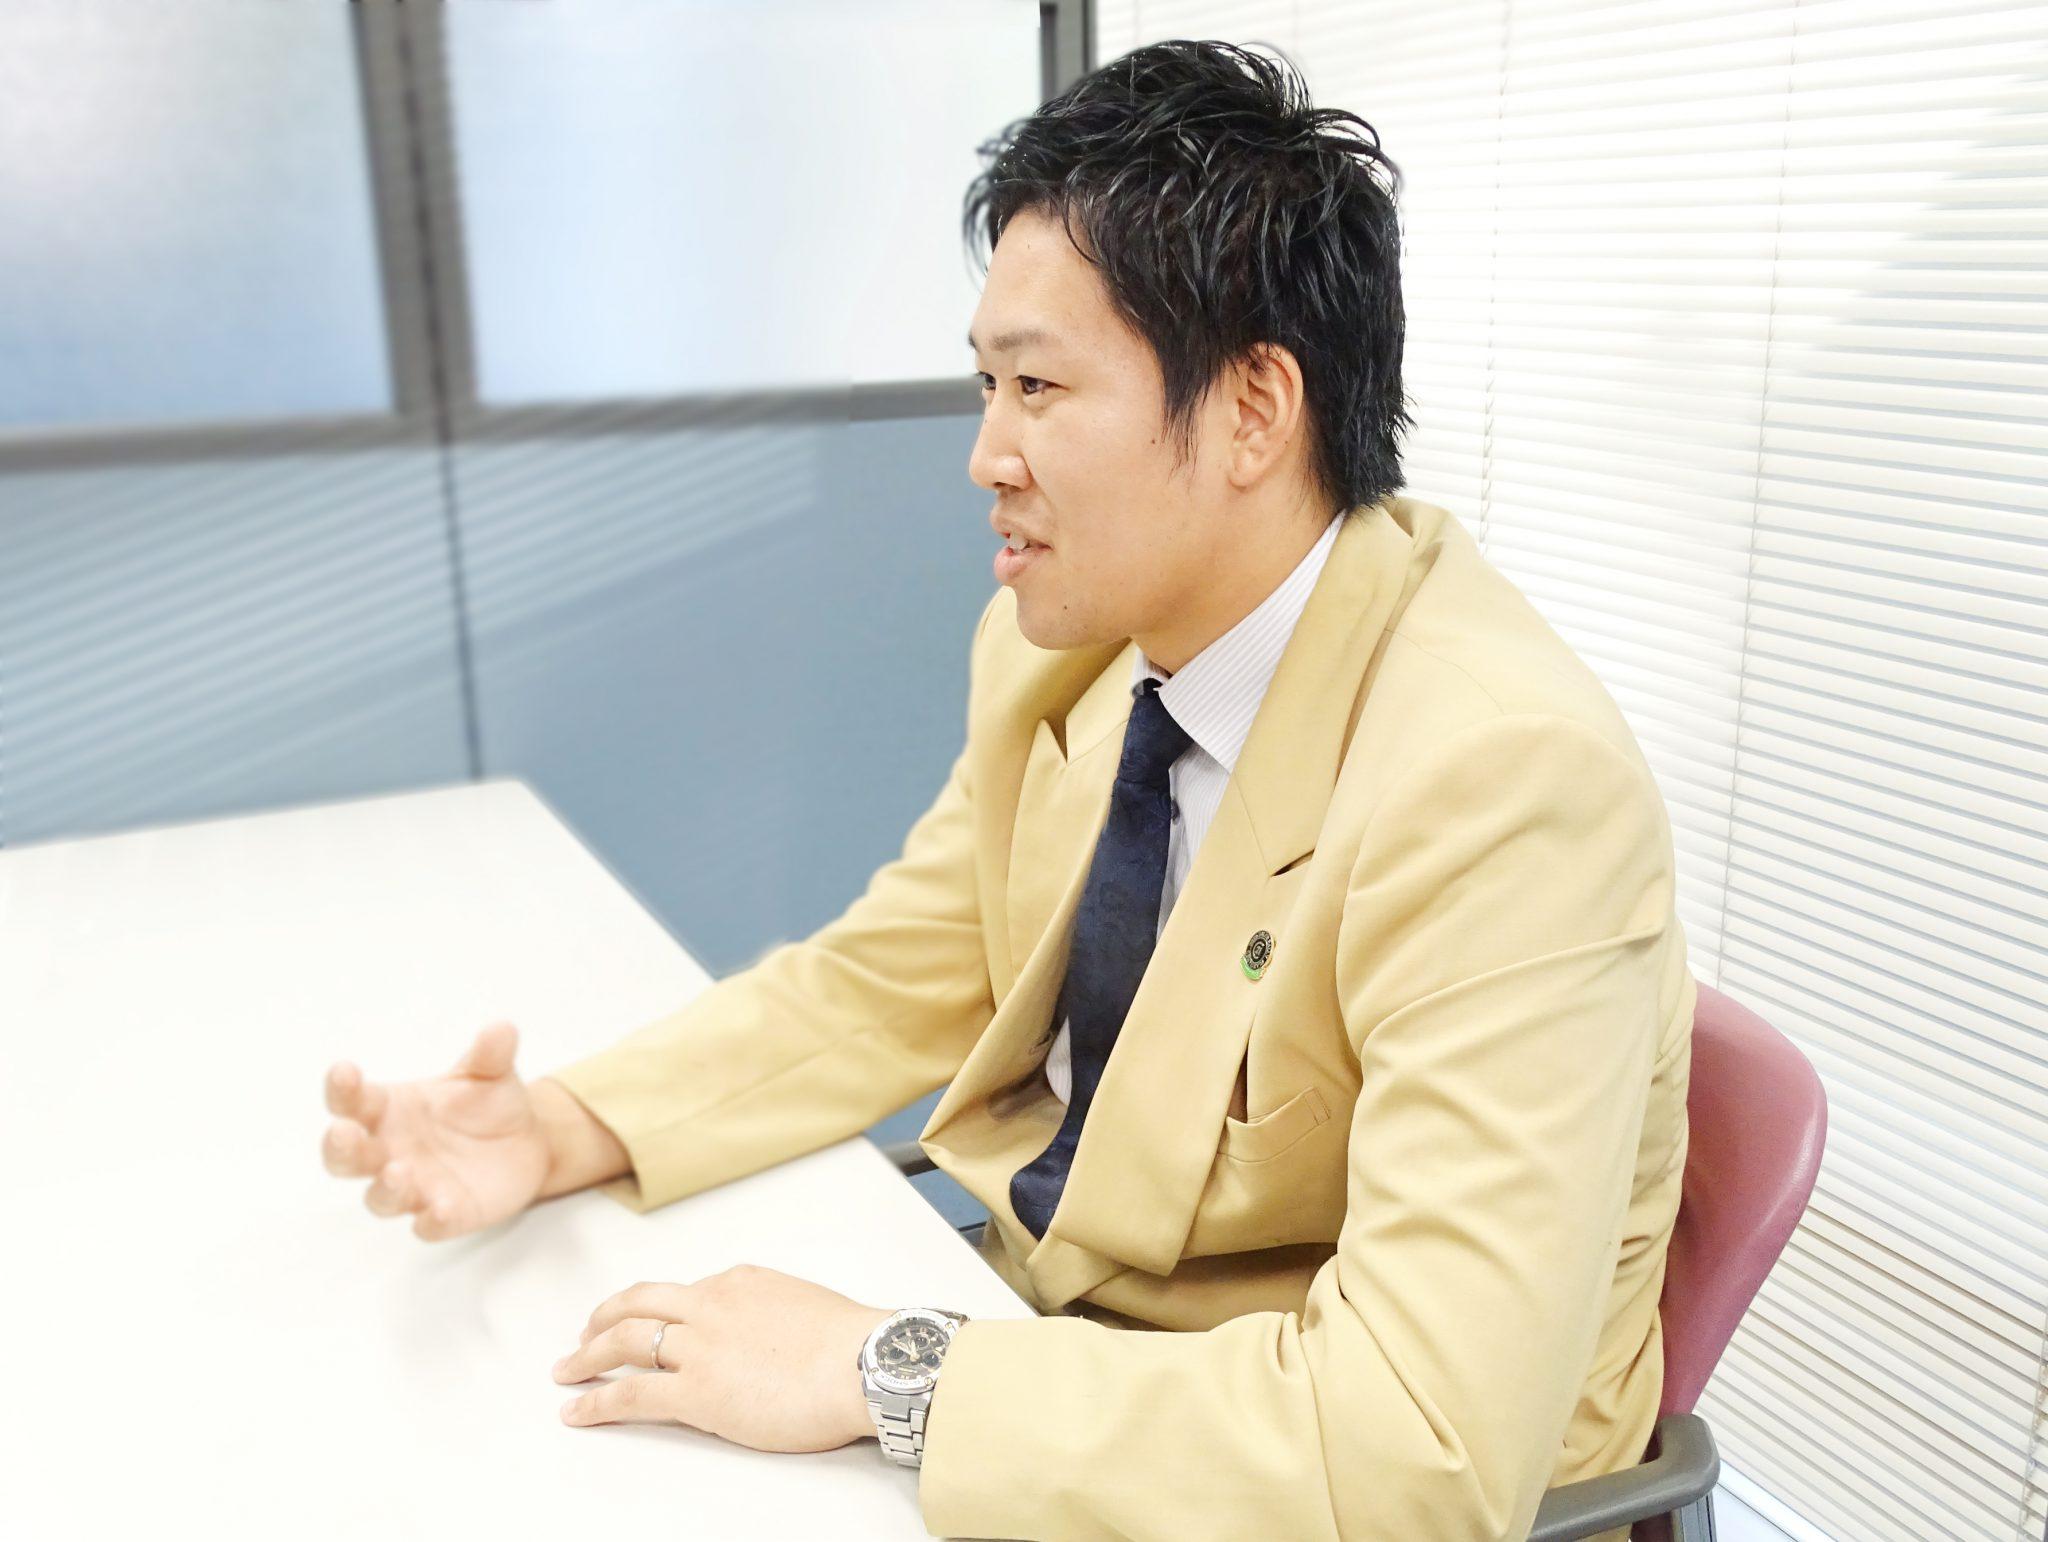 吉川 宗一さんのシーカーズインタビュー風景